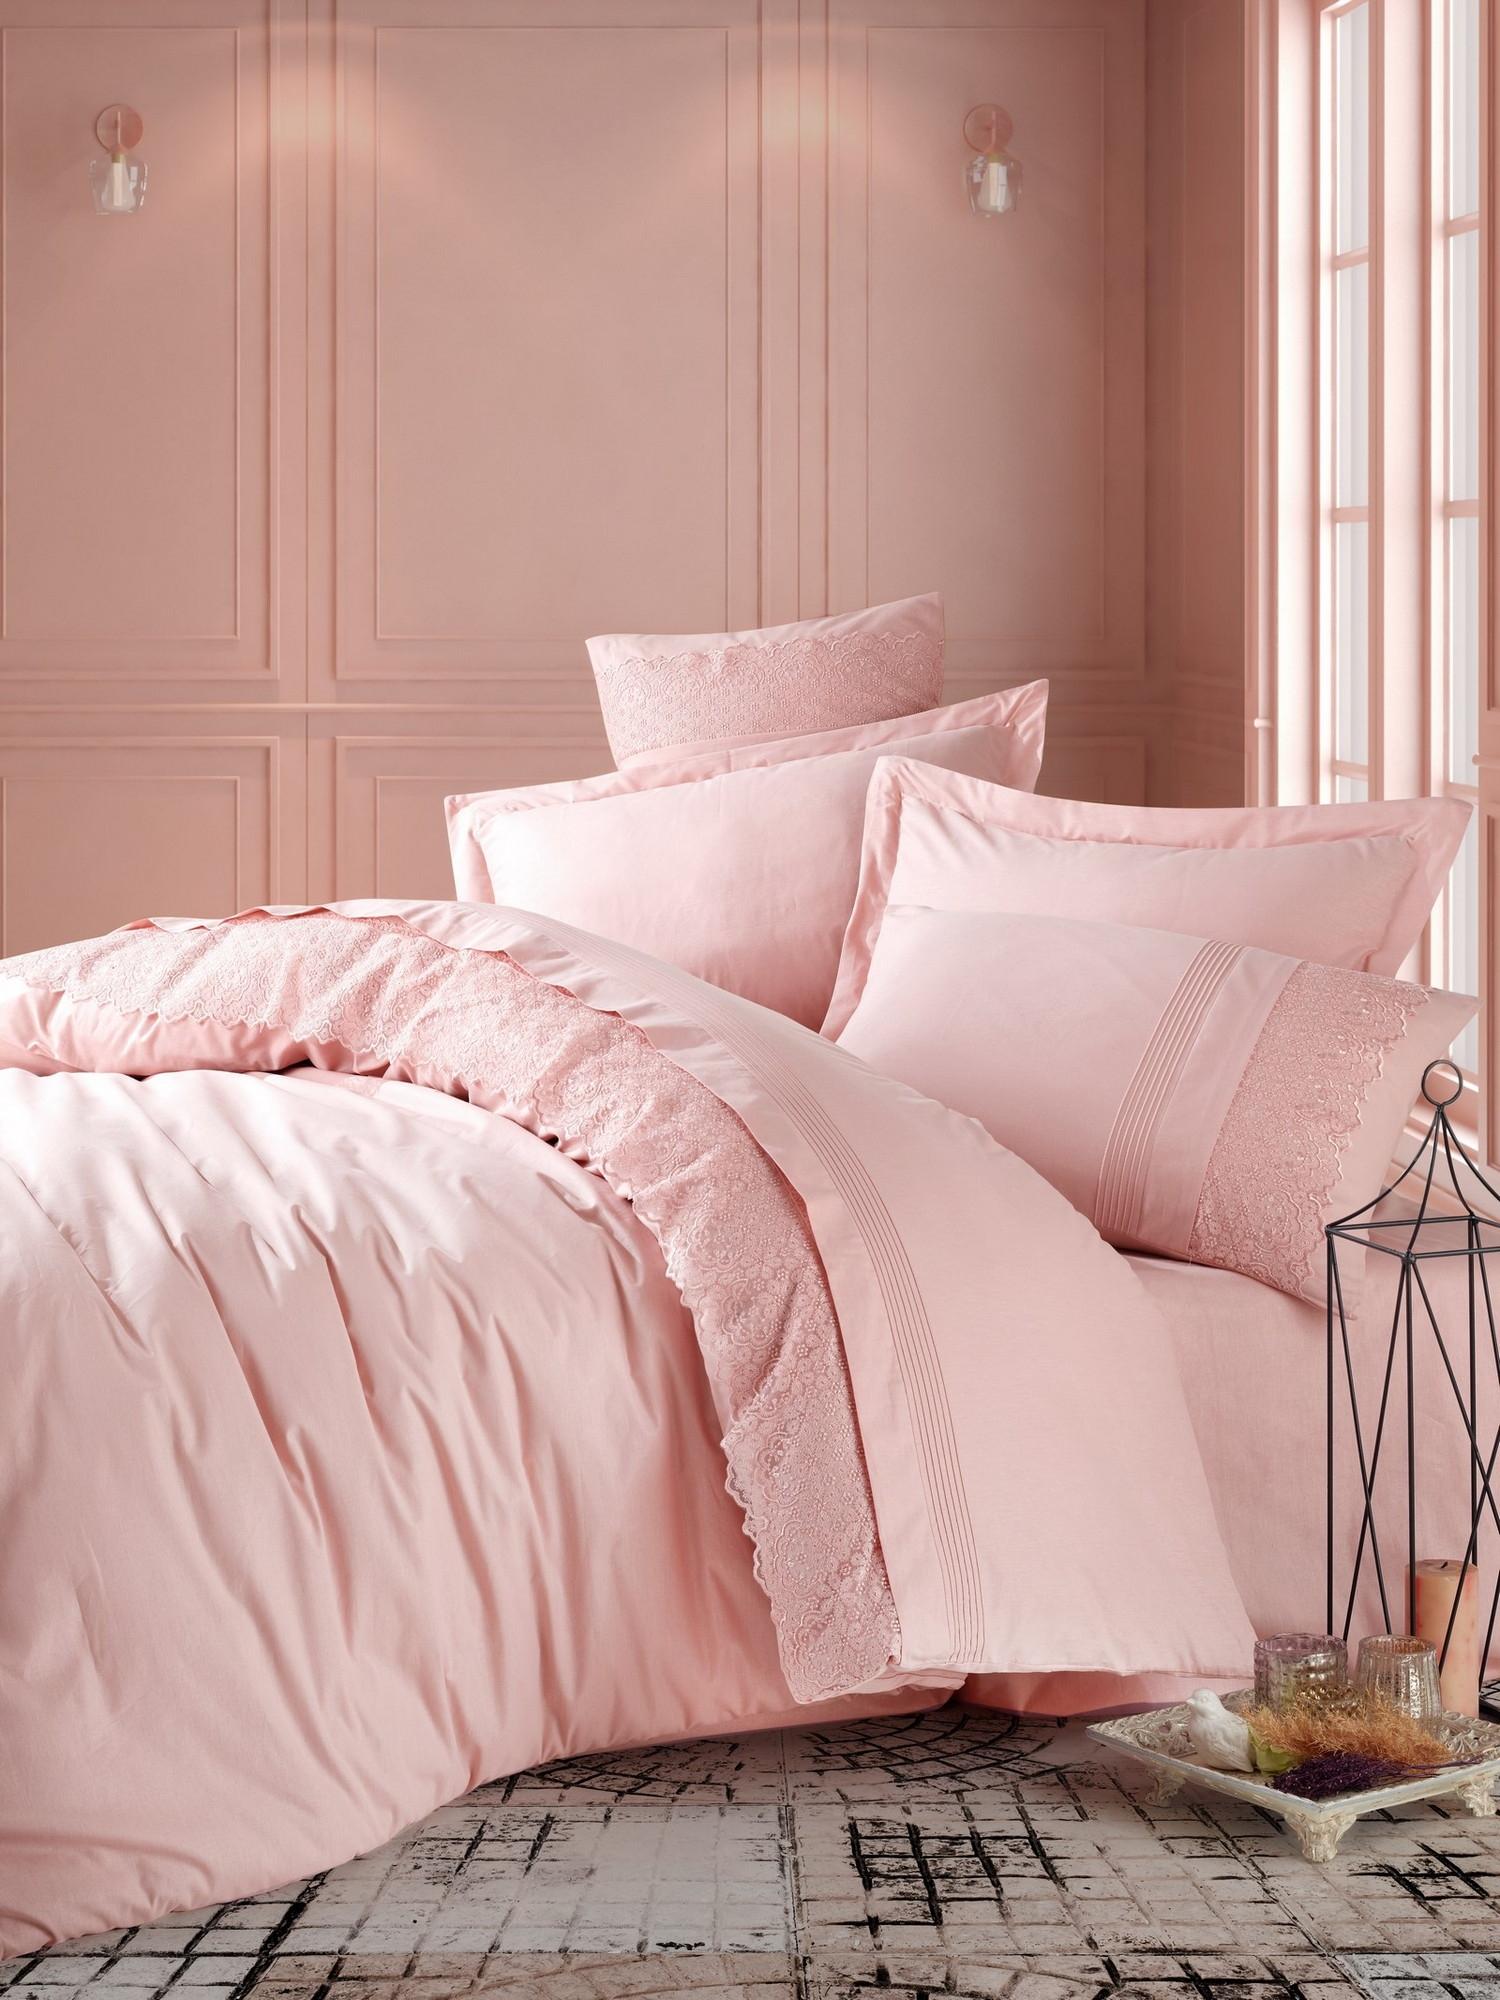 Lenjerie de pat din bumbac Ranforce Elba Roz, 200 x 220 cm imagine